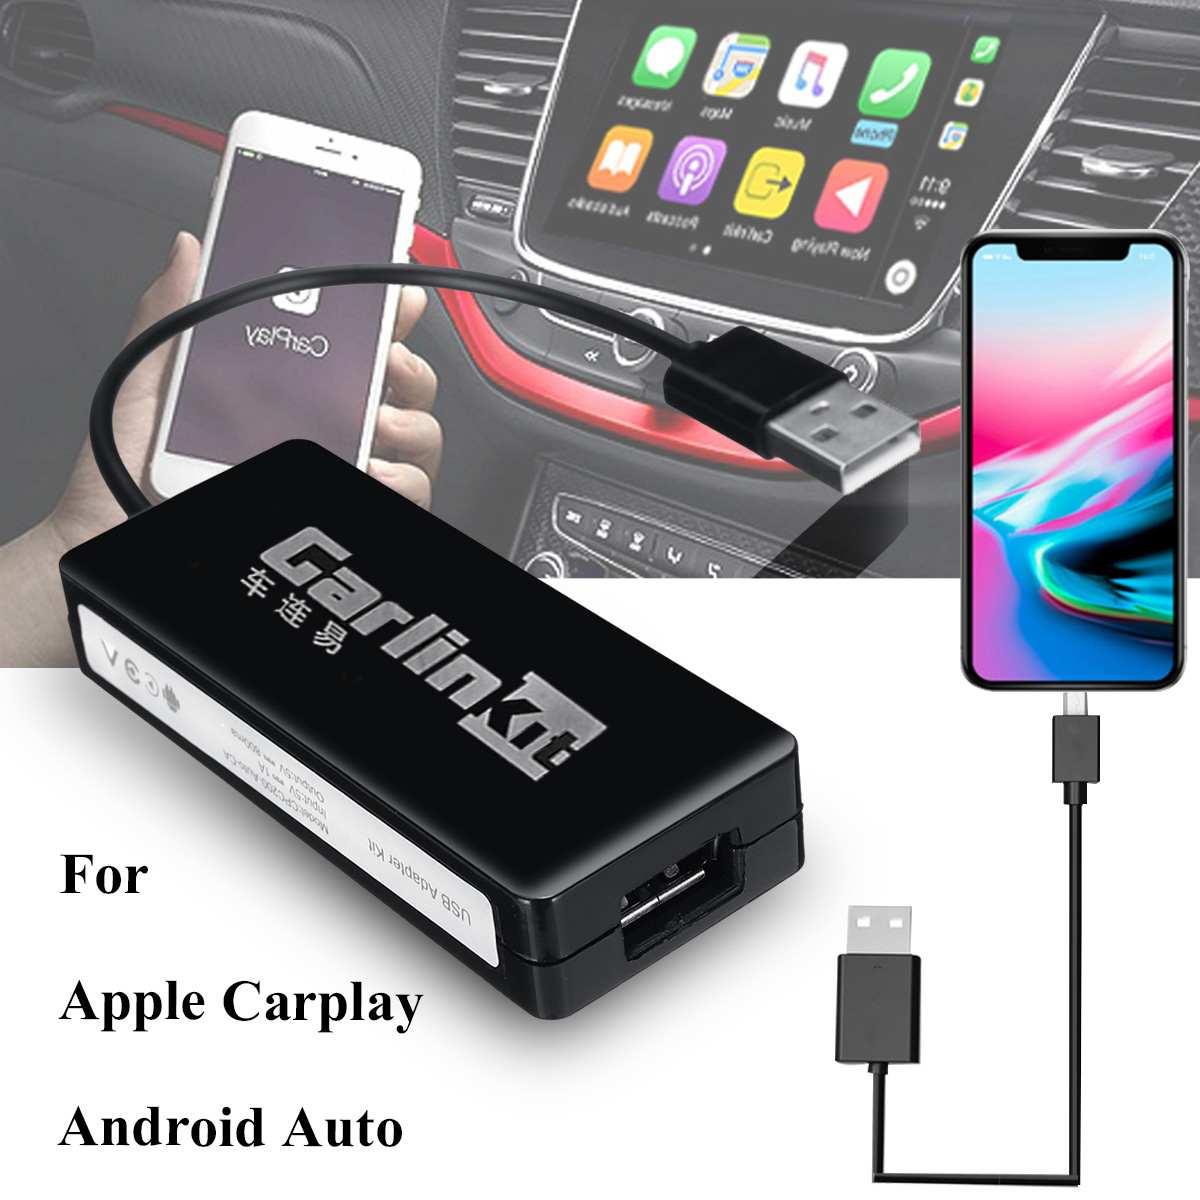 Pour Android voiture Navigation Carlinkit USB Smart voiture lien Dongle pour Apple Carplay Module Auto téléphone portable USB Carplay adaptateur